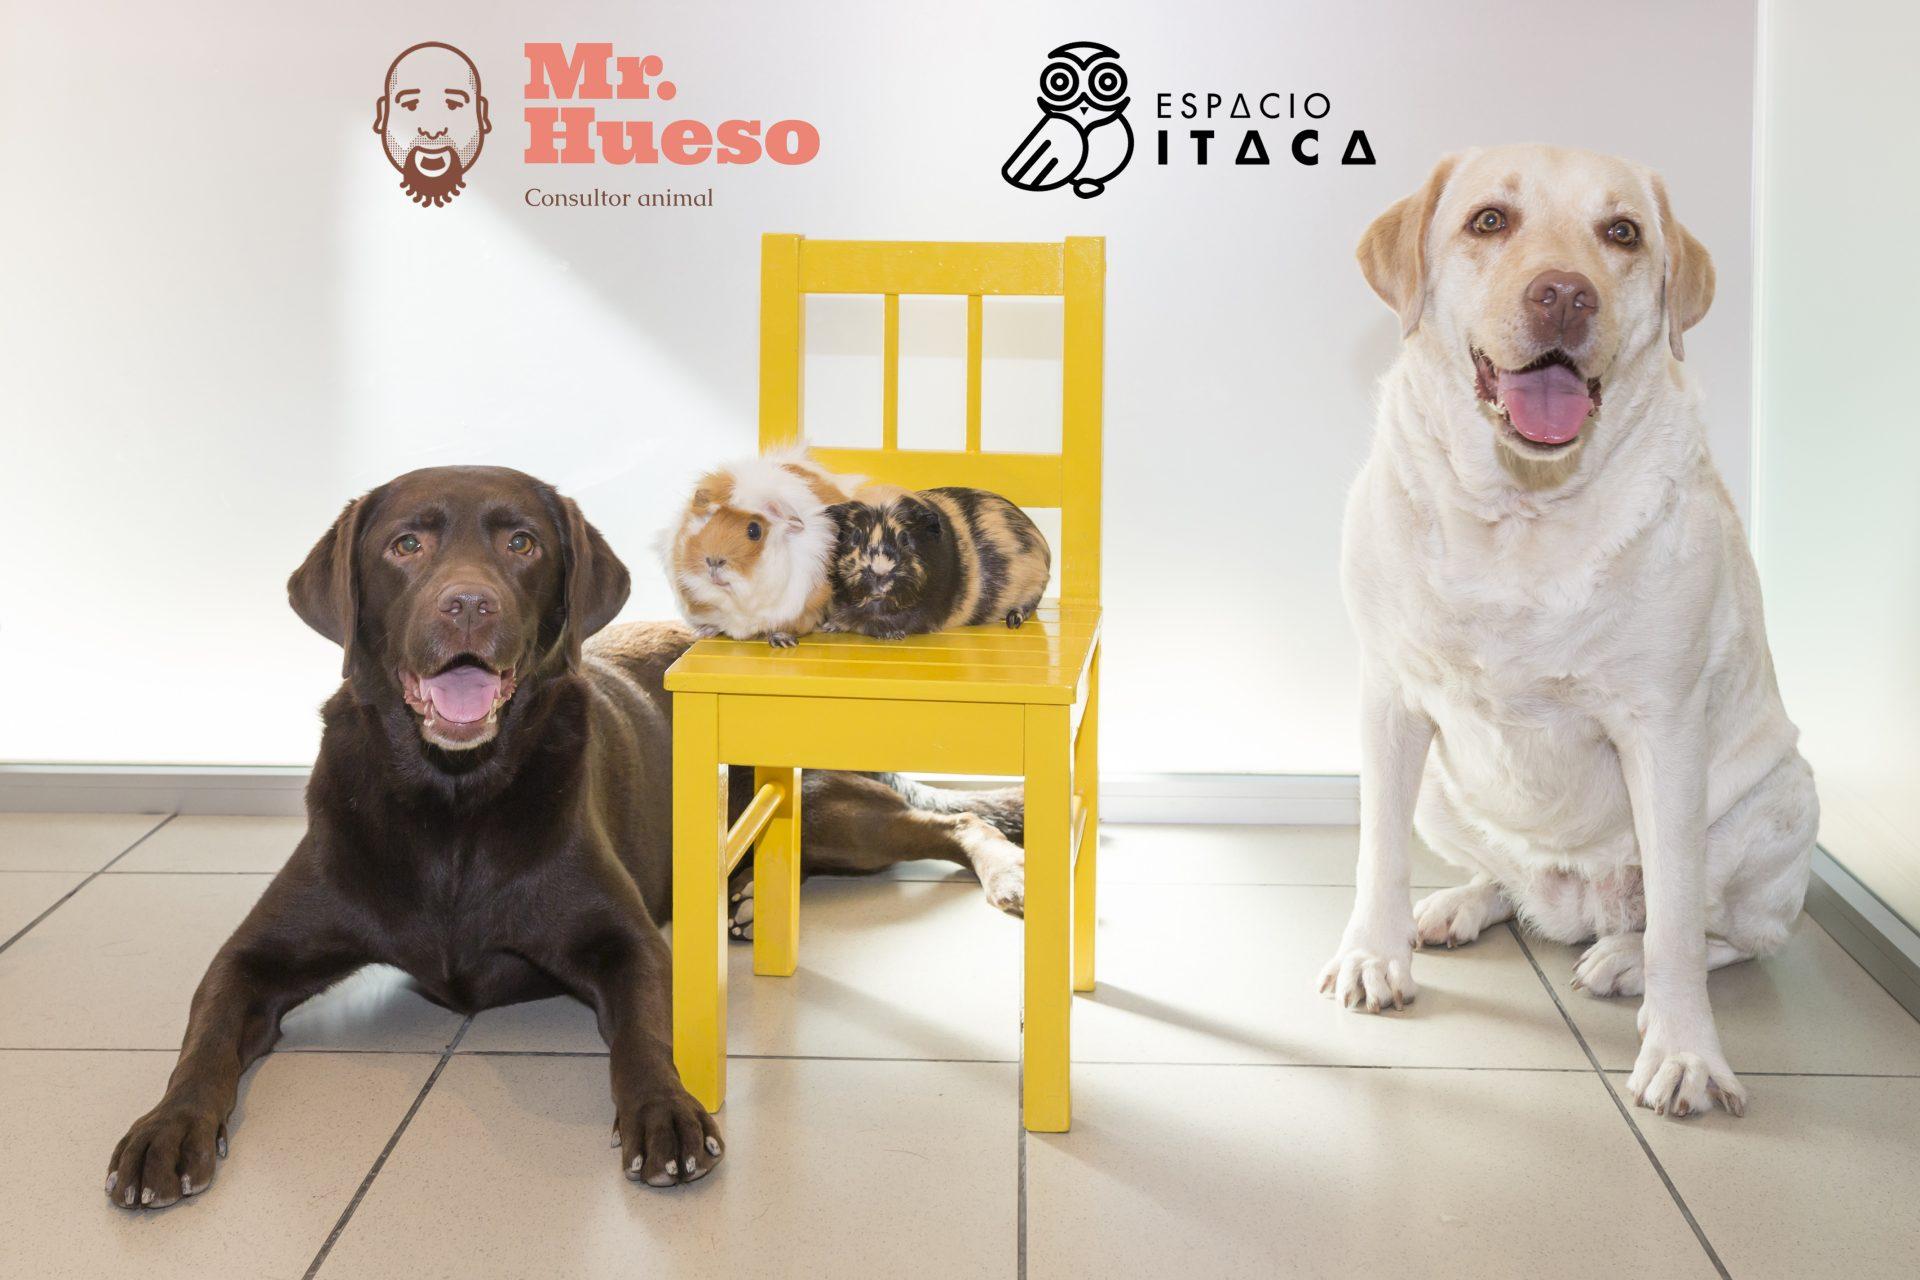 equipo de animales de Espacio Ítaca y Mr. Hueso, dos perros y dos cobayas